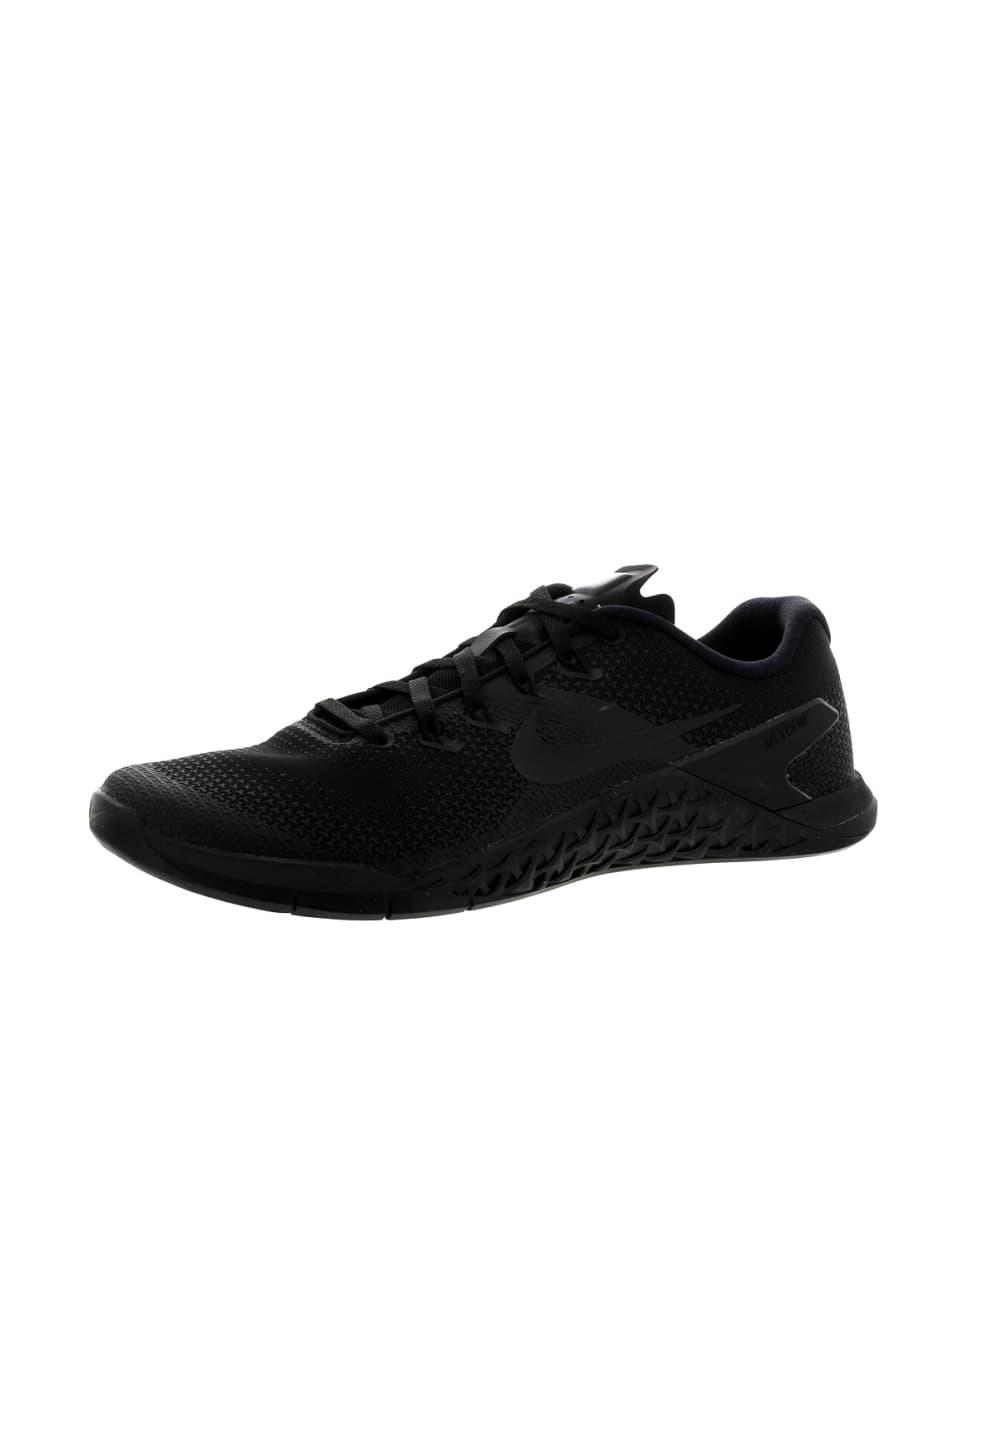 Nike Metcon 4 - Fitnessschuhe für Herren - Schwarz